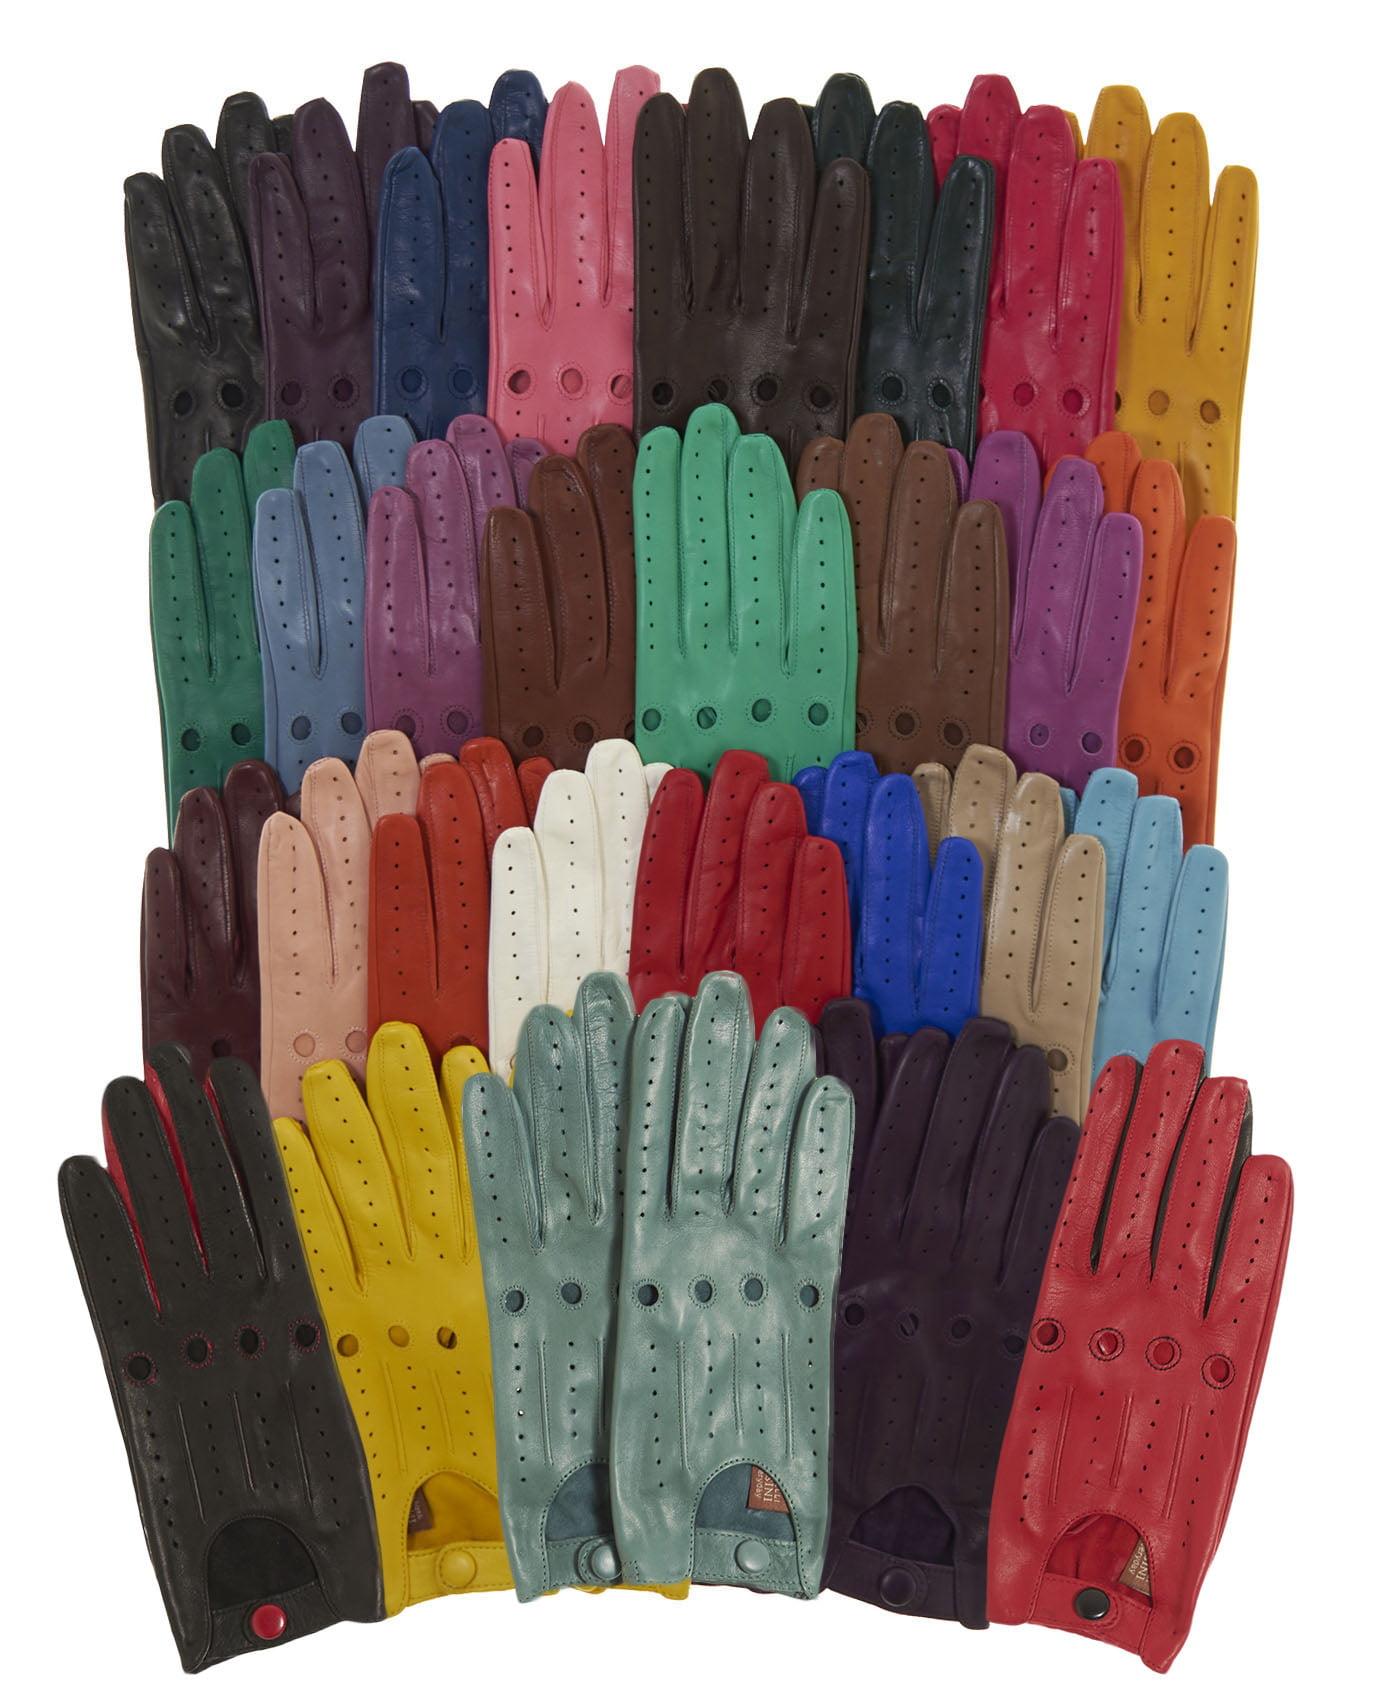 Driving gloves at walmart - Previous